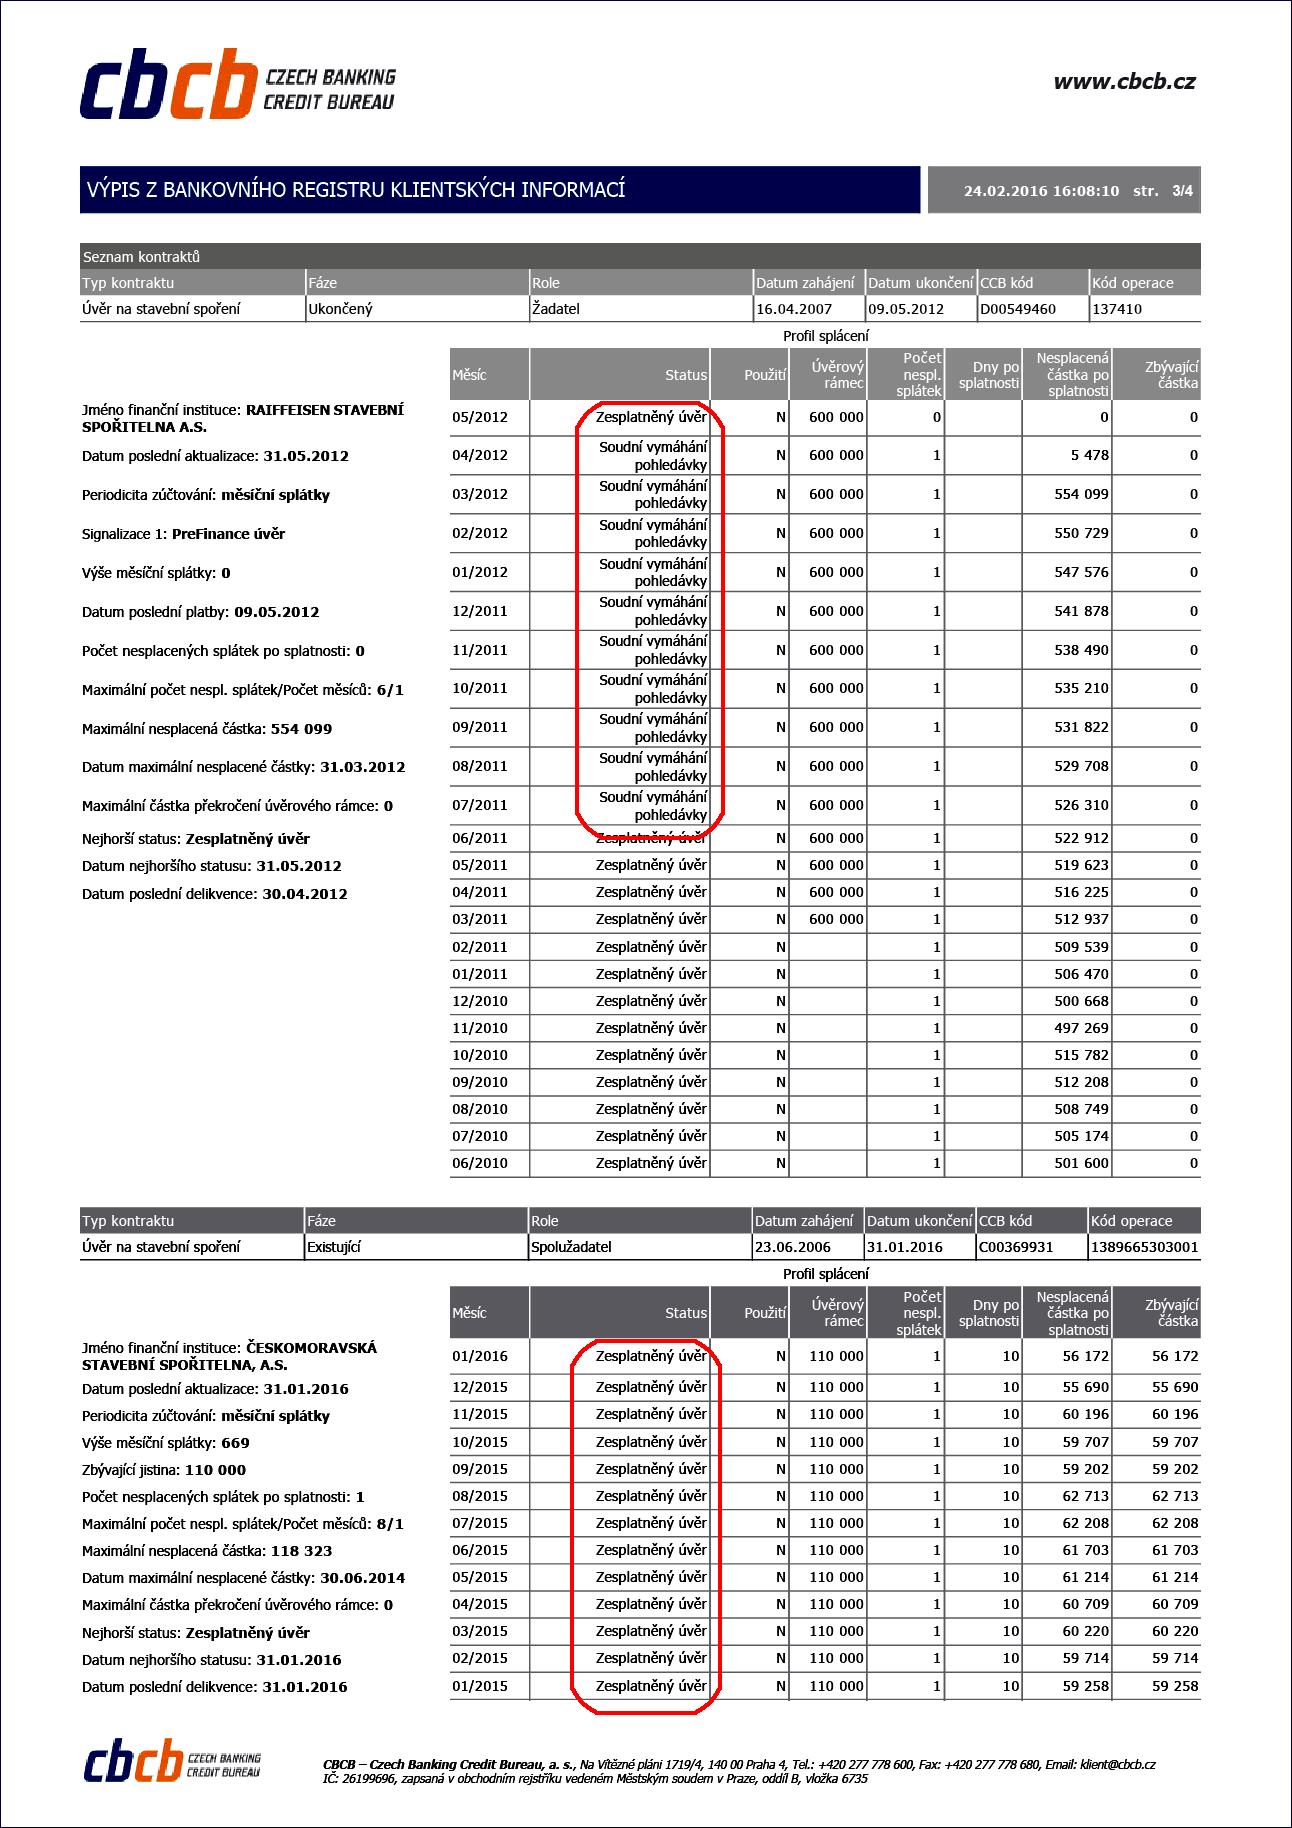 výpis z registrů se zesplatněným úvěrem